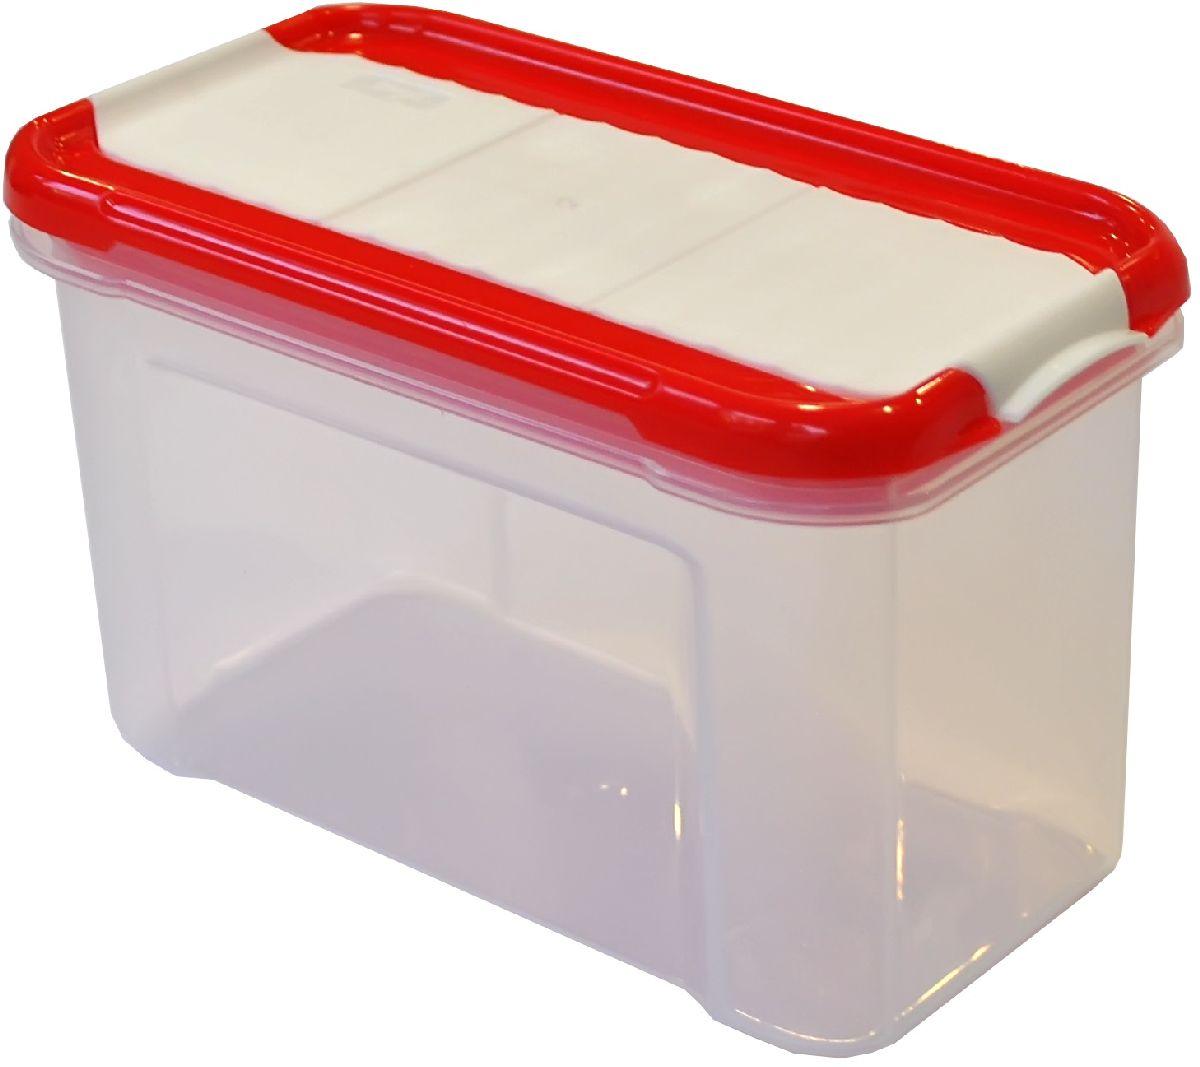 Банка для сыпучих продуктов Giaretti Krupa, с дозатором, цвет: красный, прозрачный, 750 млGR2235ЧЕРИБанка для сыпучих продуктов Giaretti Krupa предназначена для хранения круп, сахара, макаронных изделий, сладостей, в том числе для продуктов с ярким ароматом (специи и прочее). Строгая прямоугольная форма банки поможет вам организовать пространство максимально комфортно, не теряя полезную площадь. Плотная крышка не пропускает запахи, и они не смешиваются в вашем шкафу. Благодаря разнообразным отверстиям в дозаторе будет удобно насыпать как мелкие, так и крупные сыпучие продукты, что сделает процесс приготовления пищи проще.